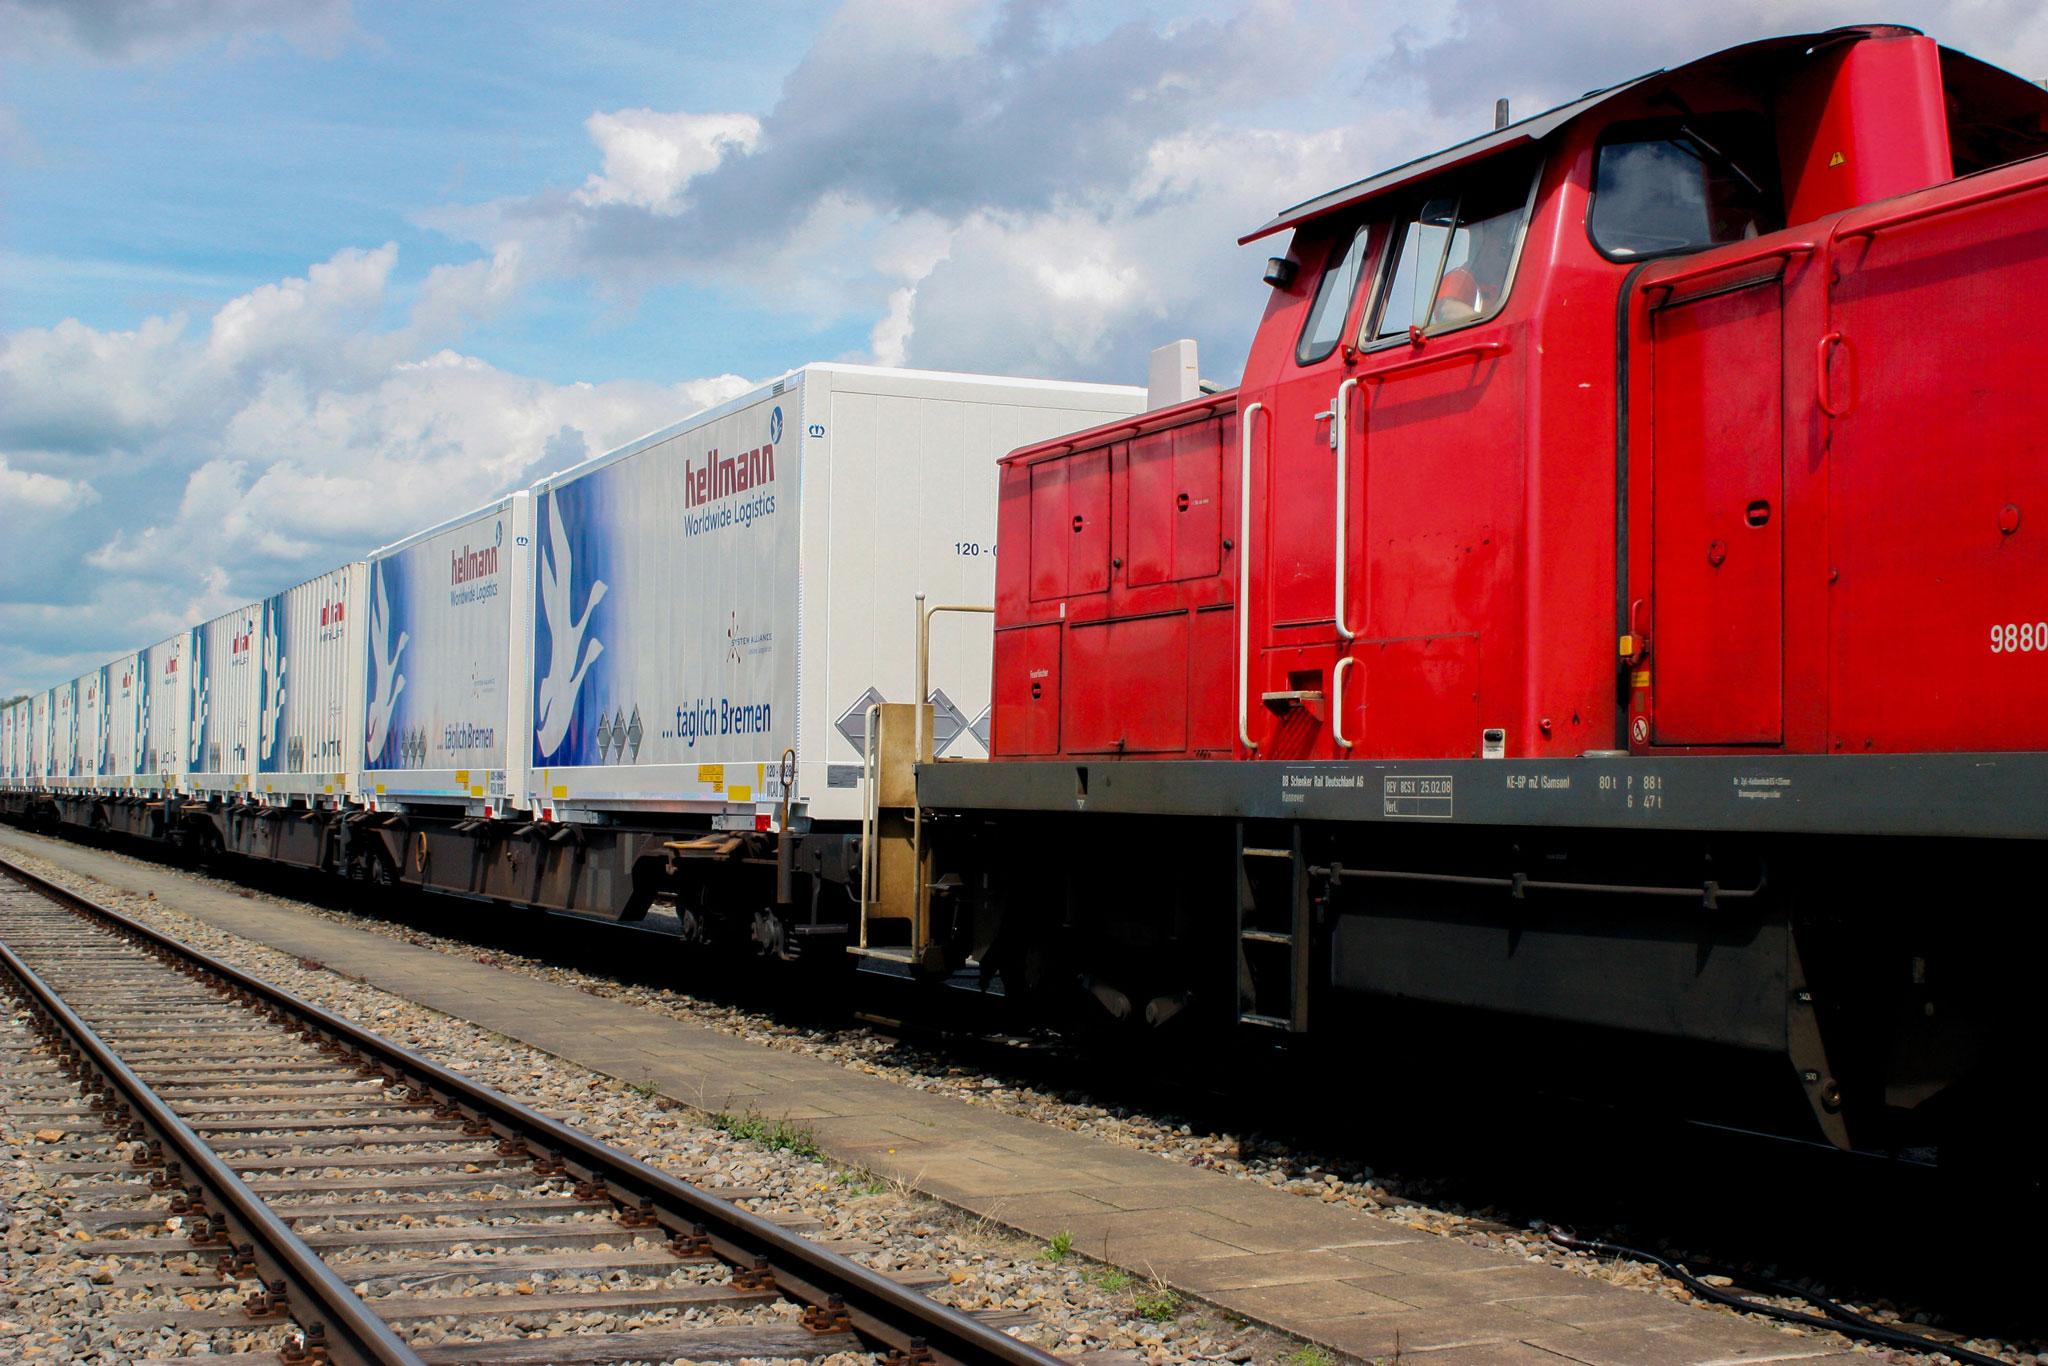 Fotos de Hellmann Worldwide Logistics